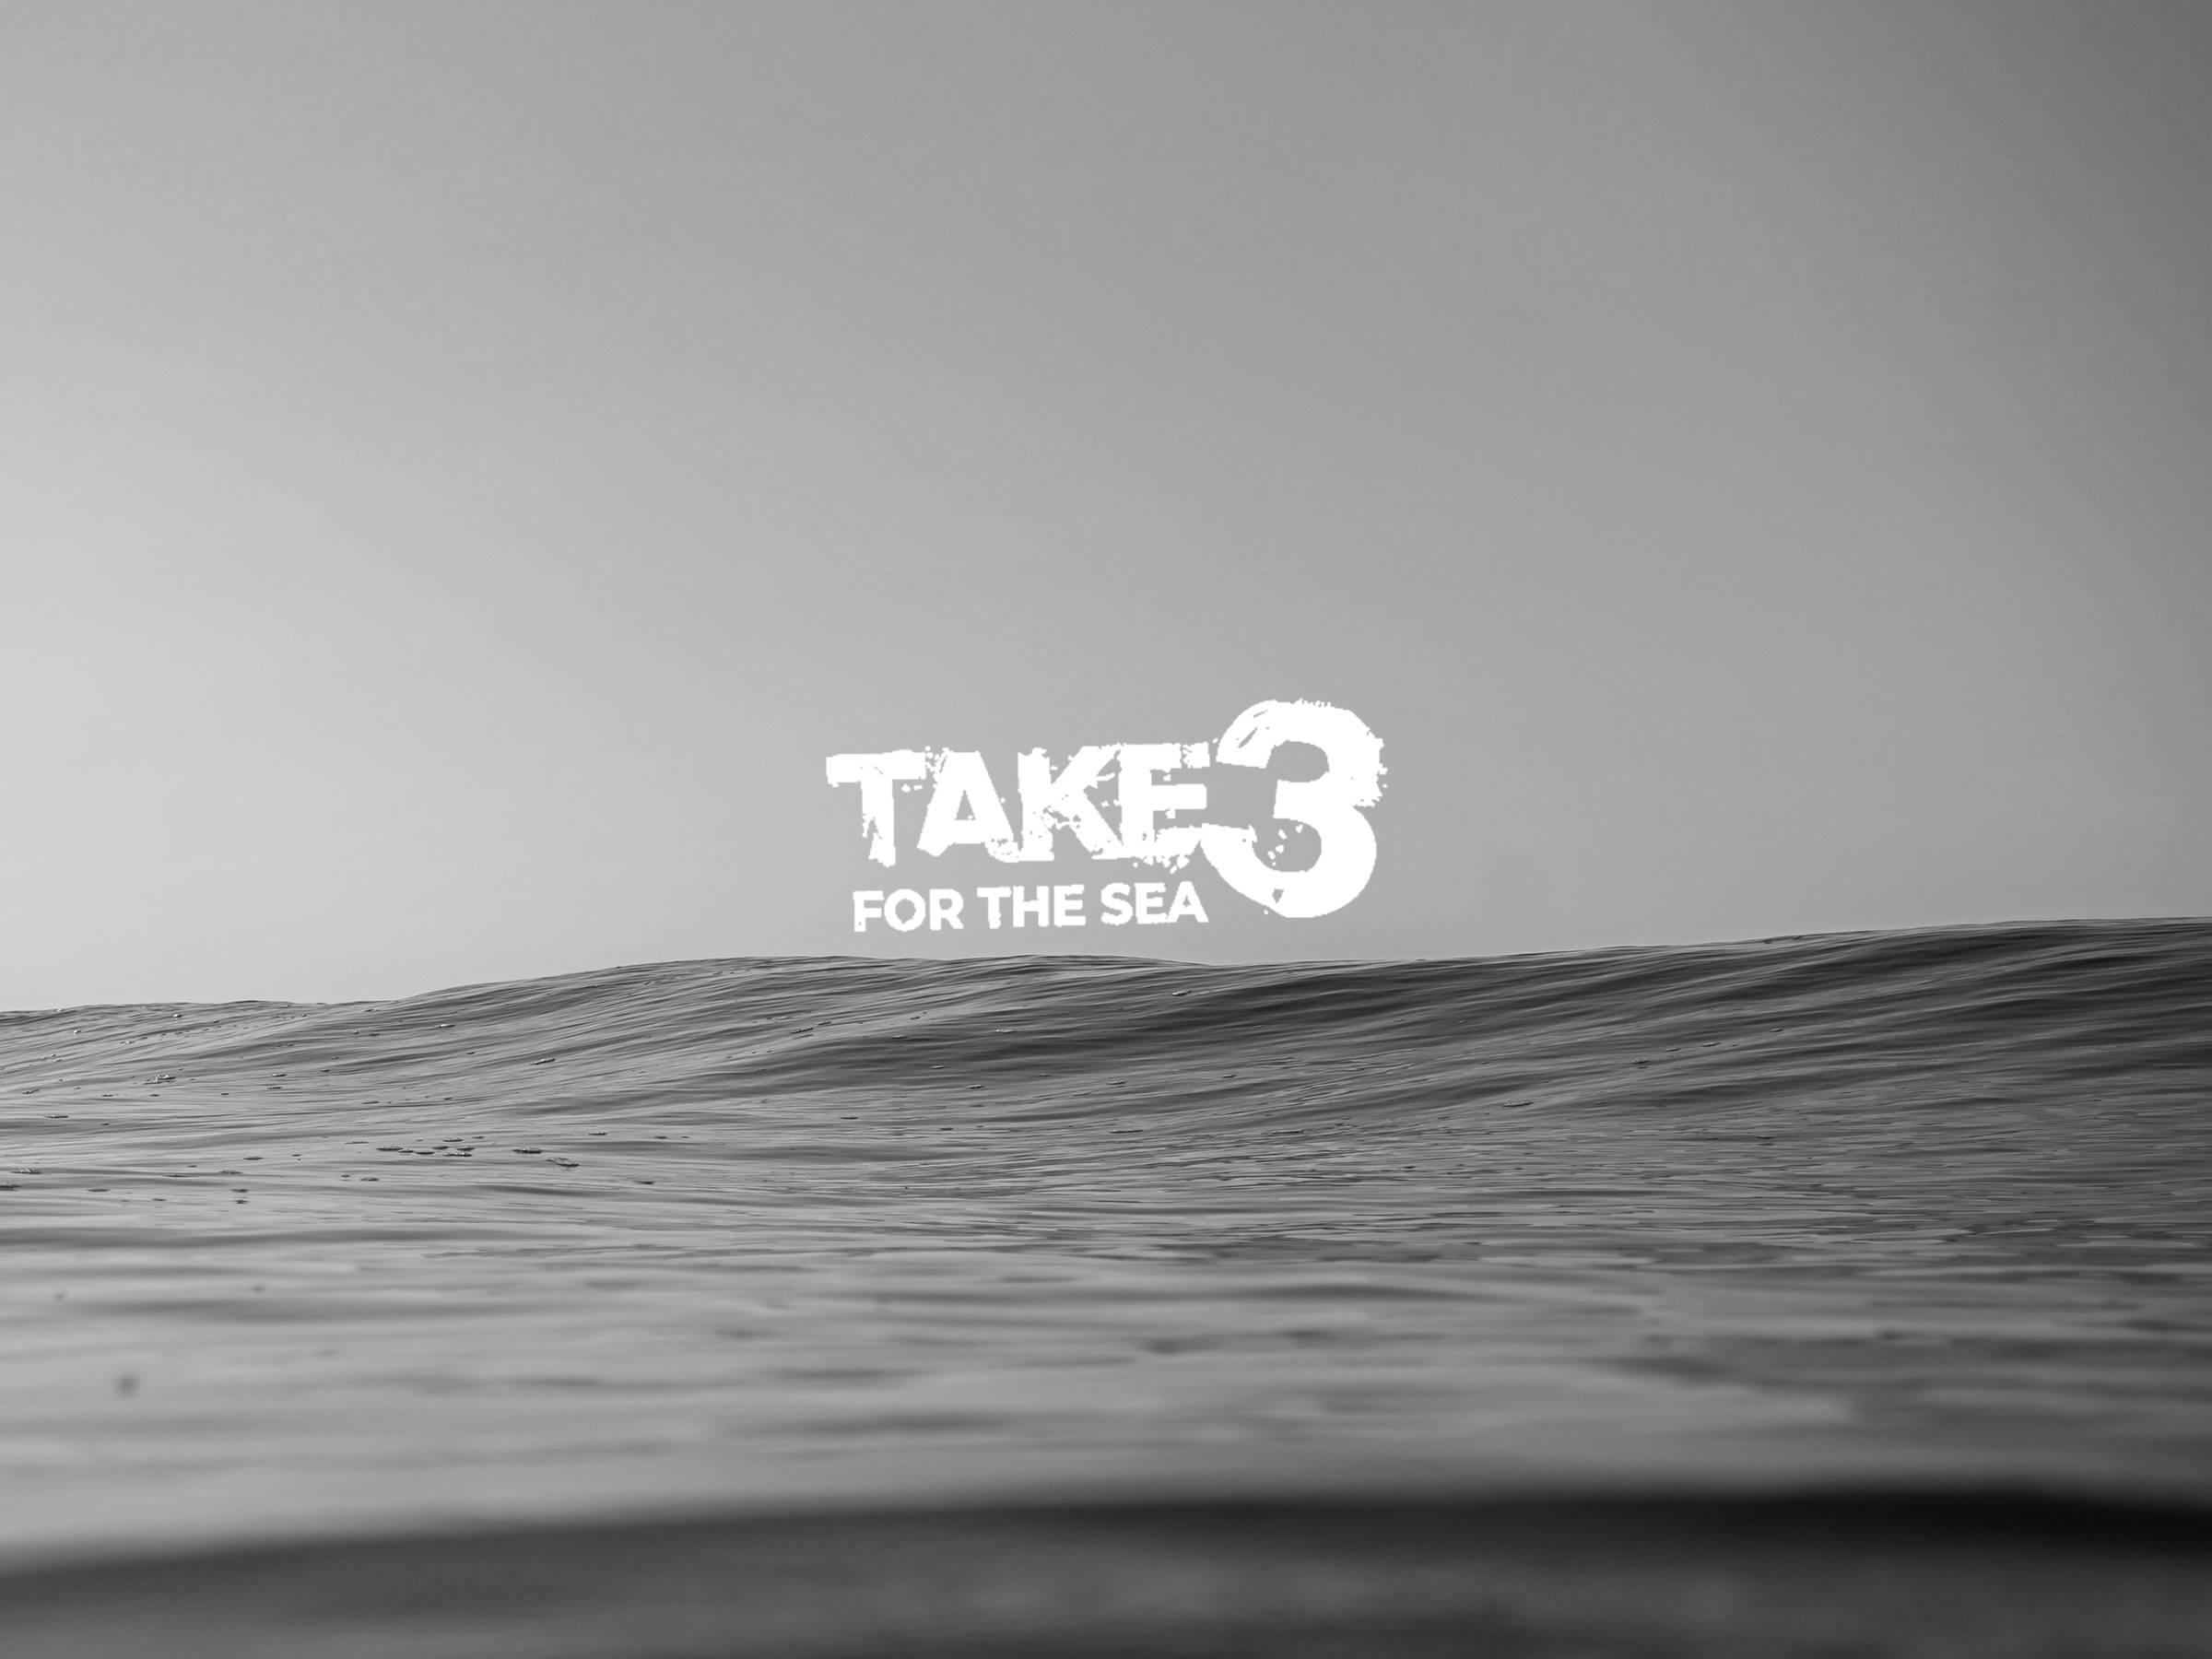 https://www.soulandsurf.com/wp-content/uploads/2021/10/We-Support-Take-3-1.jpg Image